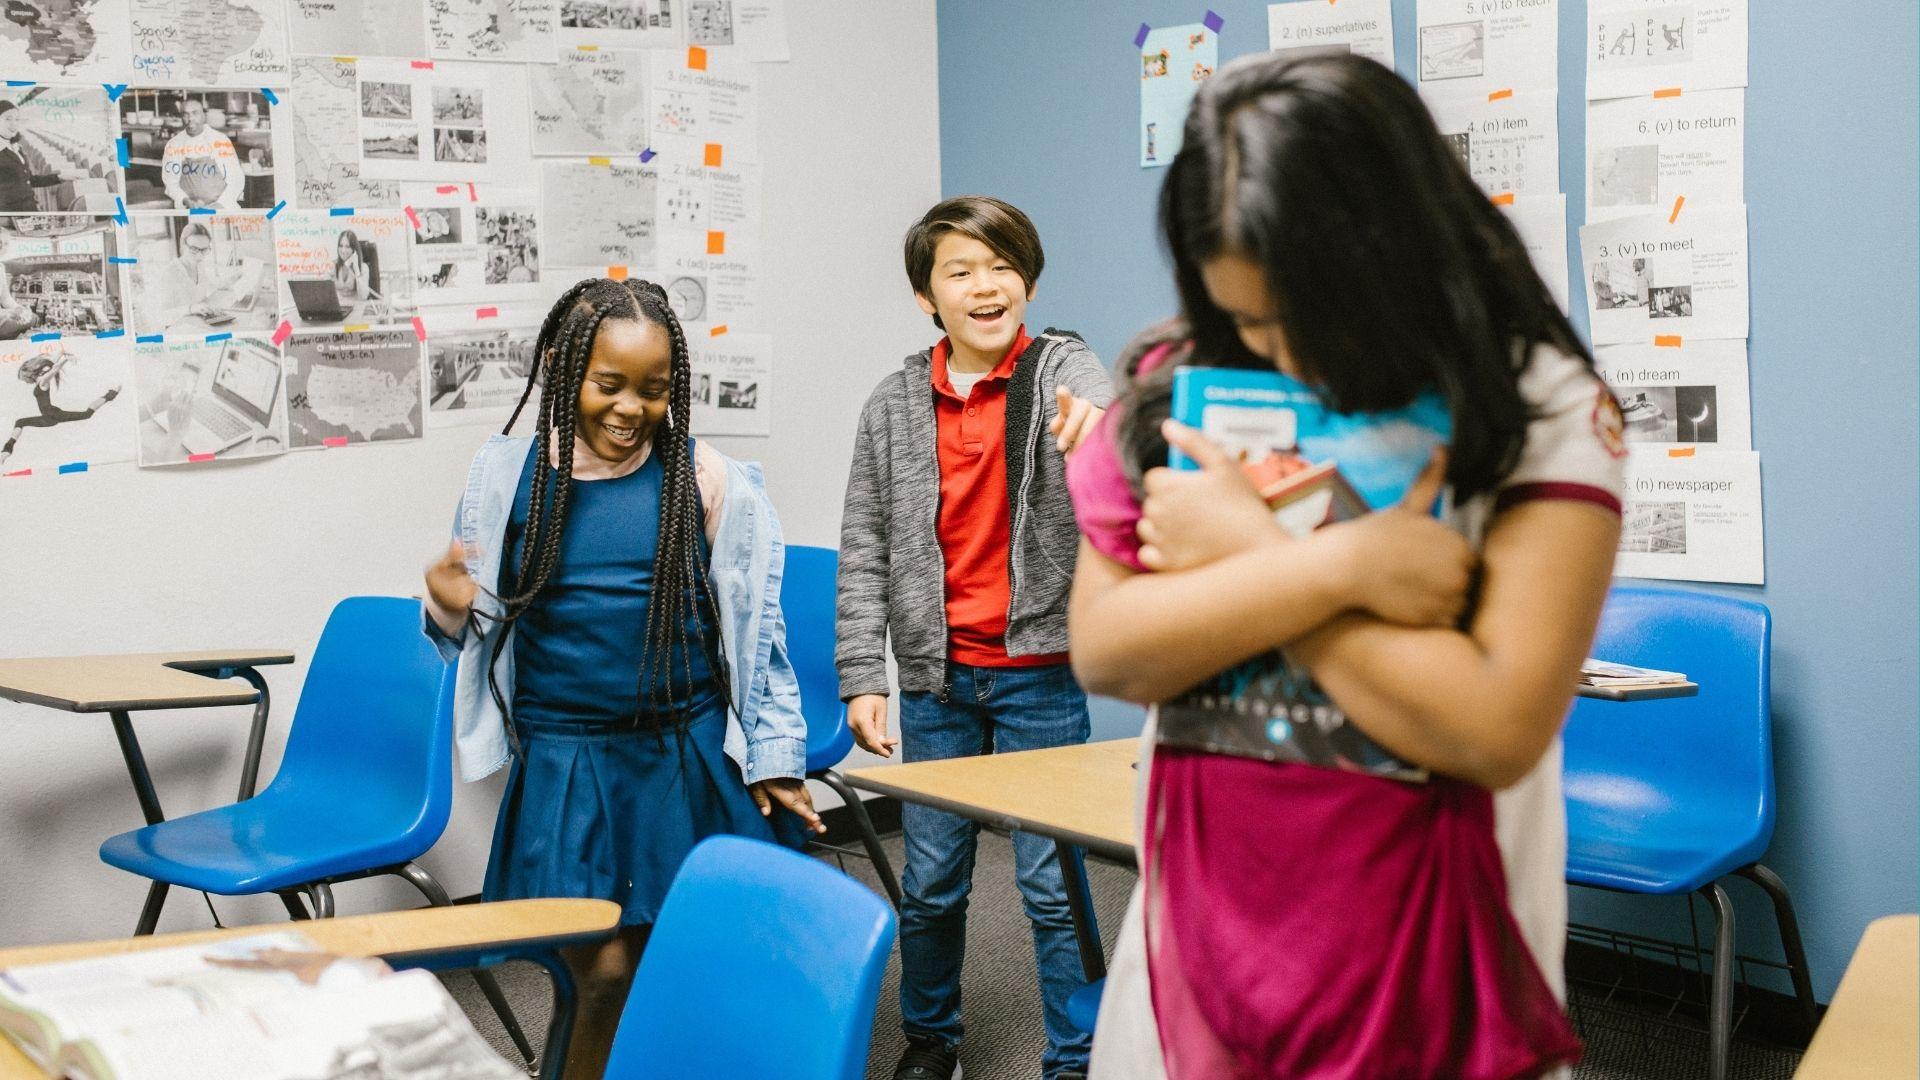 Deux élèves se moquent et harcèlent une de leur camarade en classe – RODNAE (Pexels)